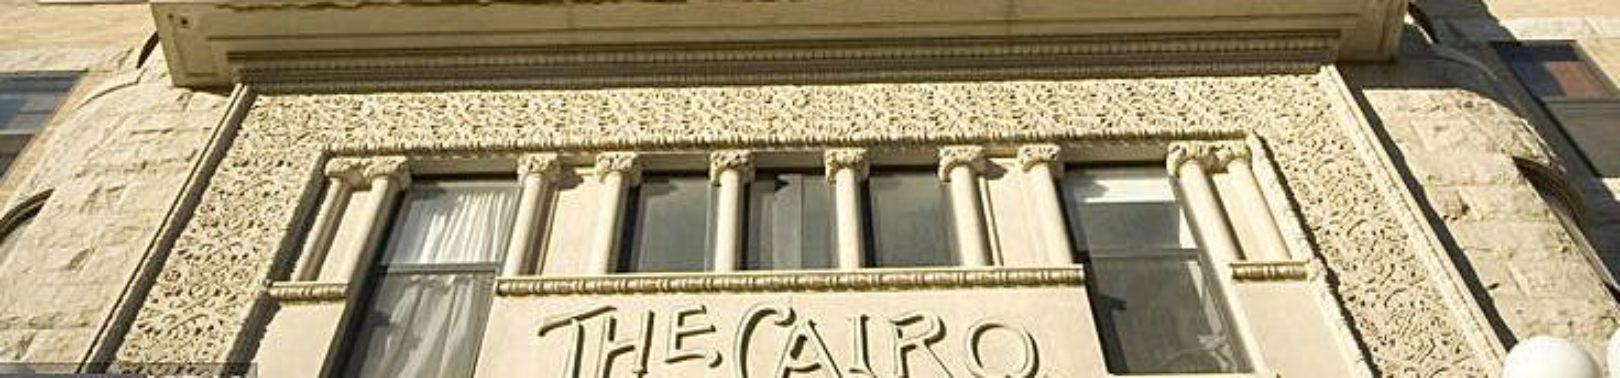 The Cairo Condo